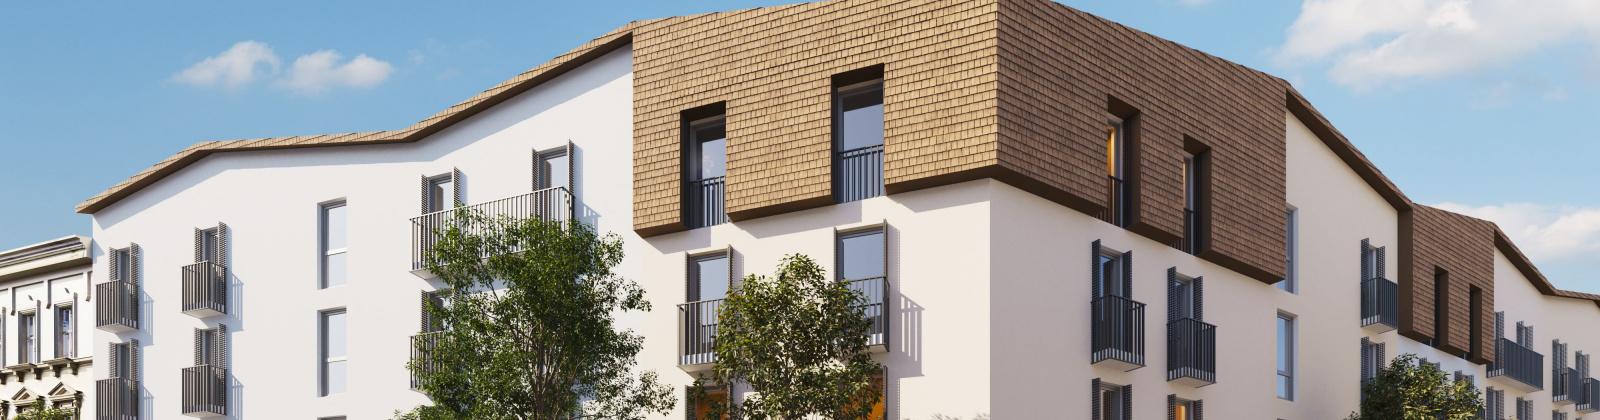 PAU, France 64000, 4 Chambres Chambres, ,2 Salle de bainSalle de bain,Appartement,Appartement,1360